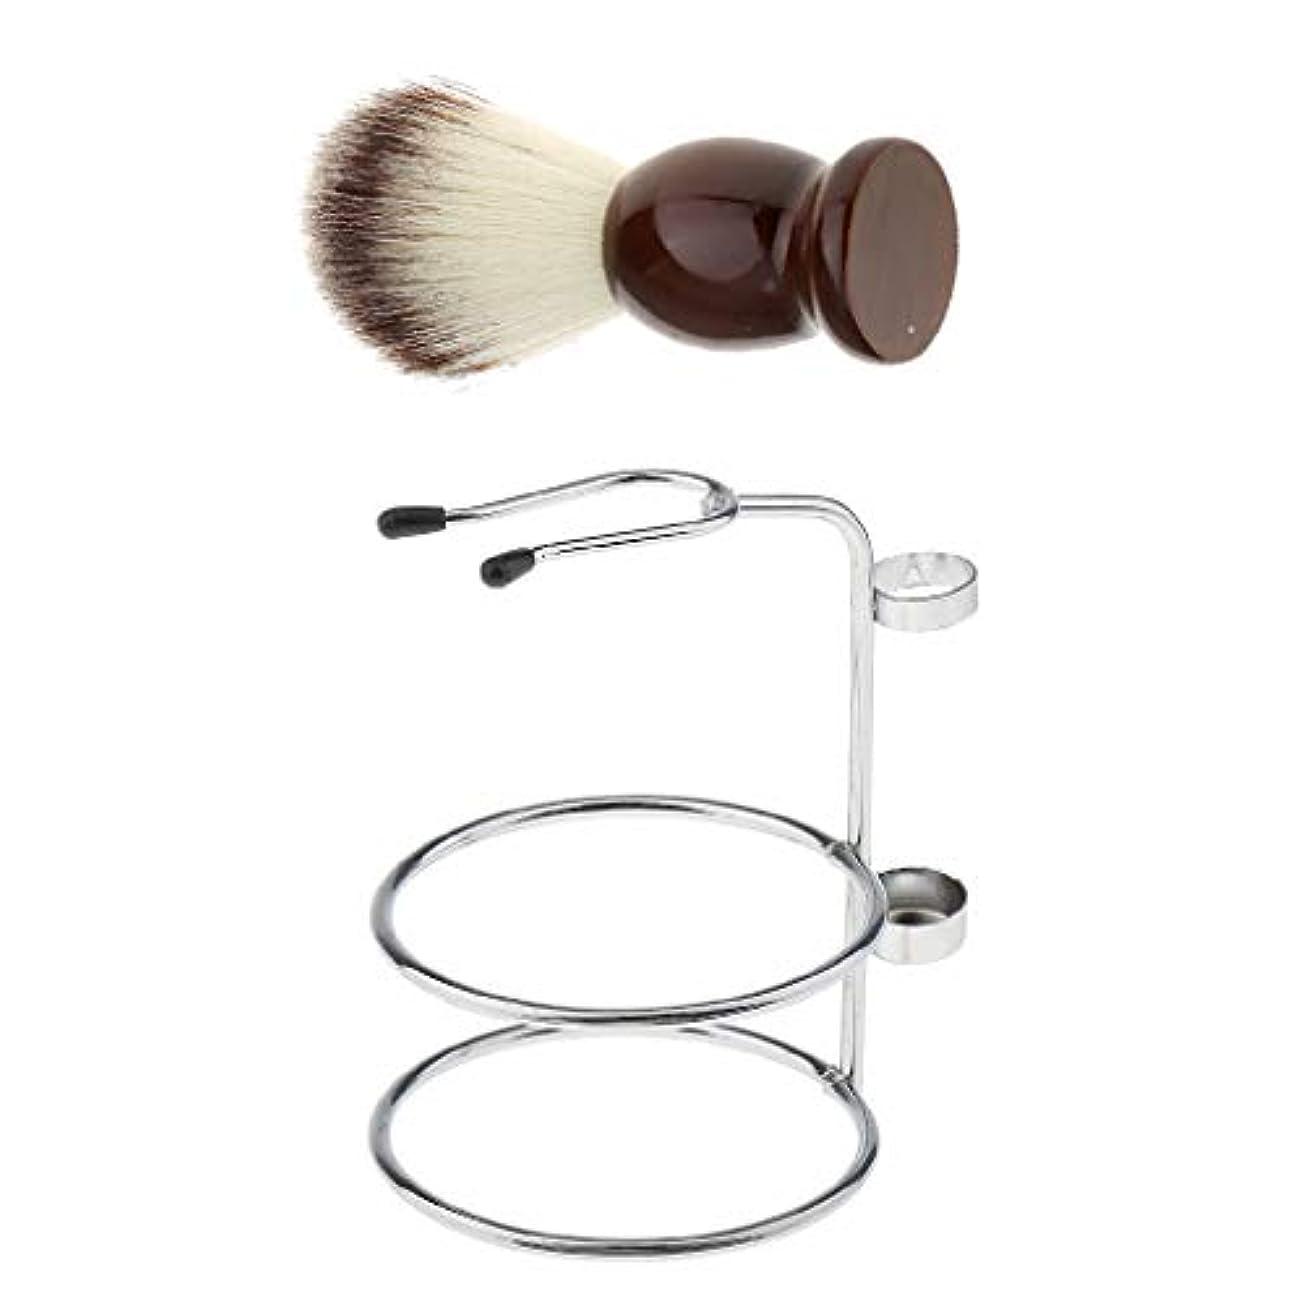 バルブラリーベルモントメディアHellery シェービングブラシスタンド ひげブラシ 理容 洗顔 髭剃り 泡立ち 男性用 家庭 旅行